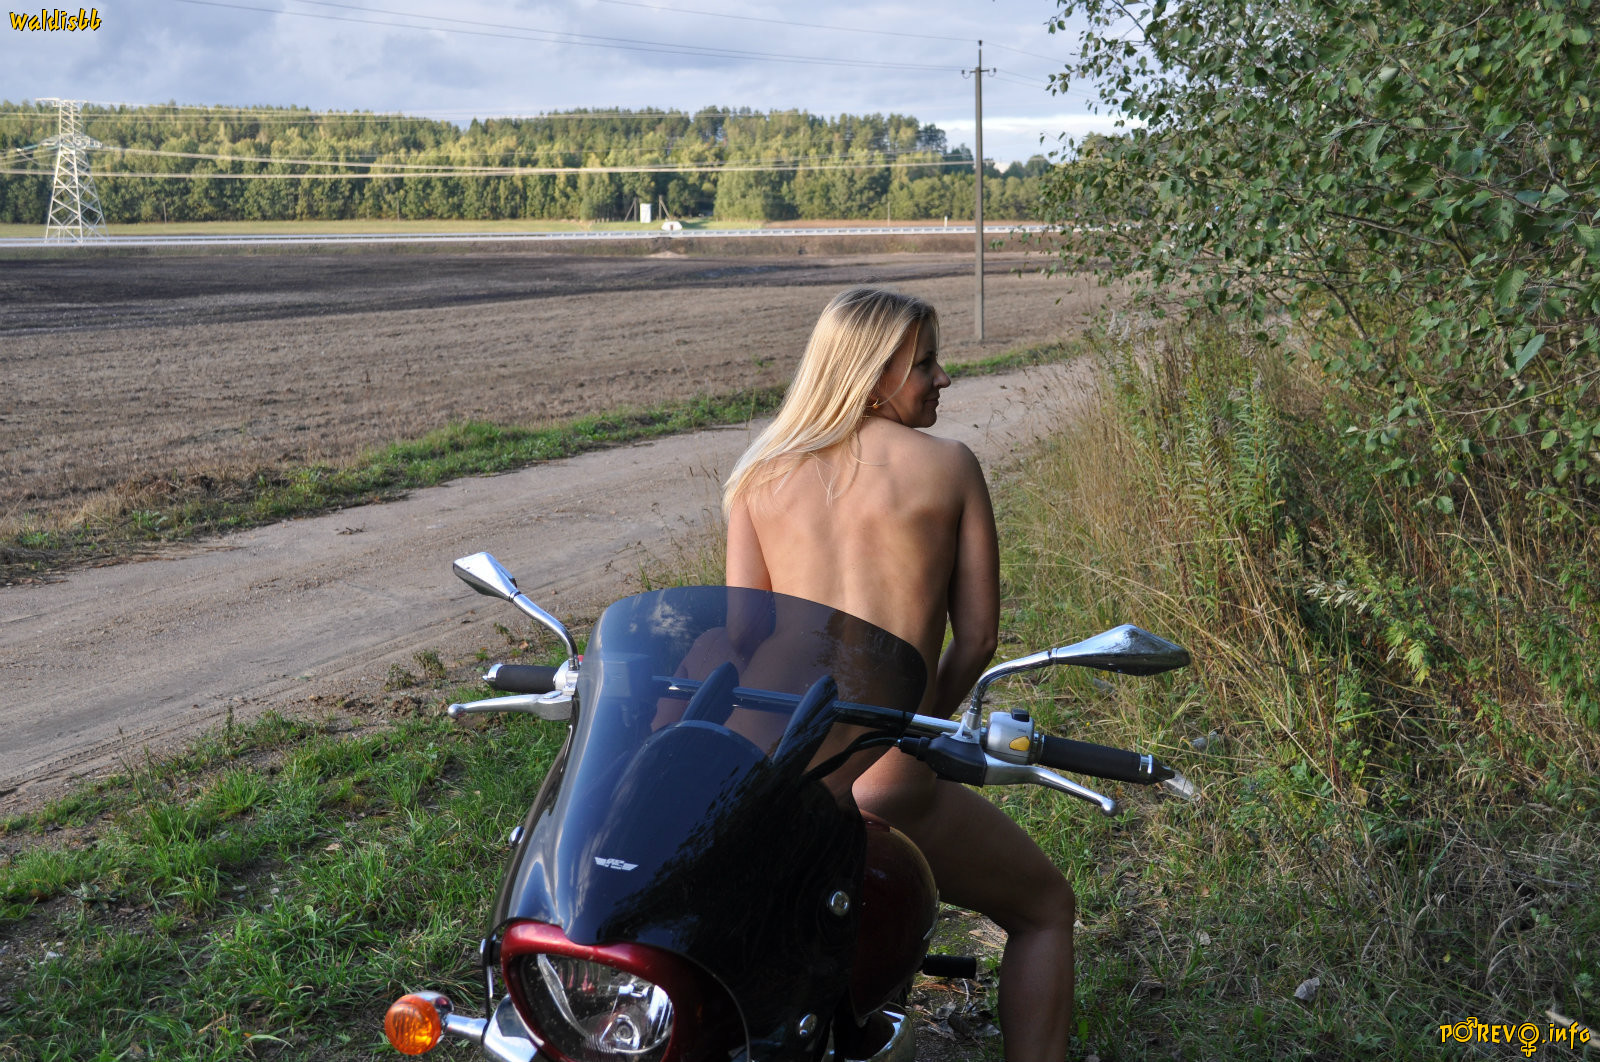 Шаловливая зрелая русская женщина